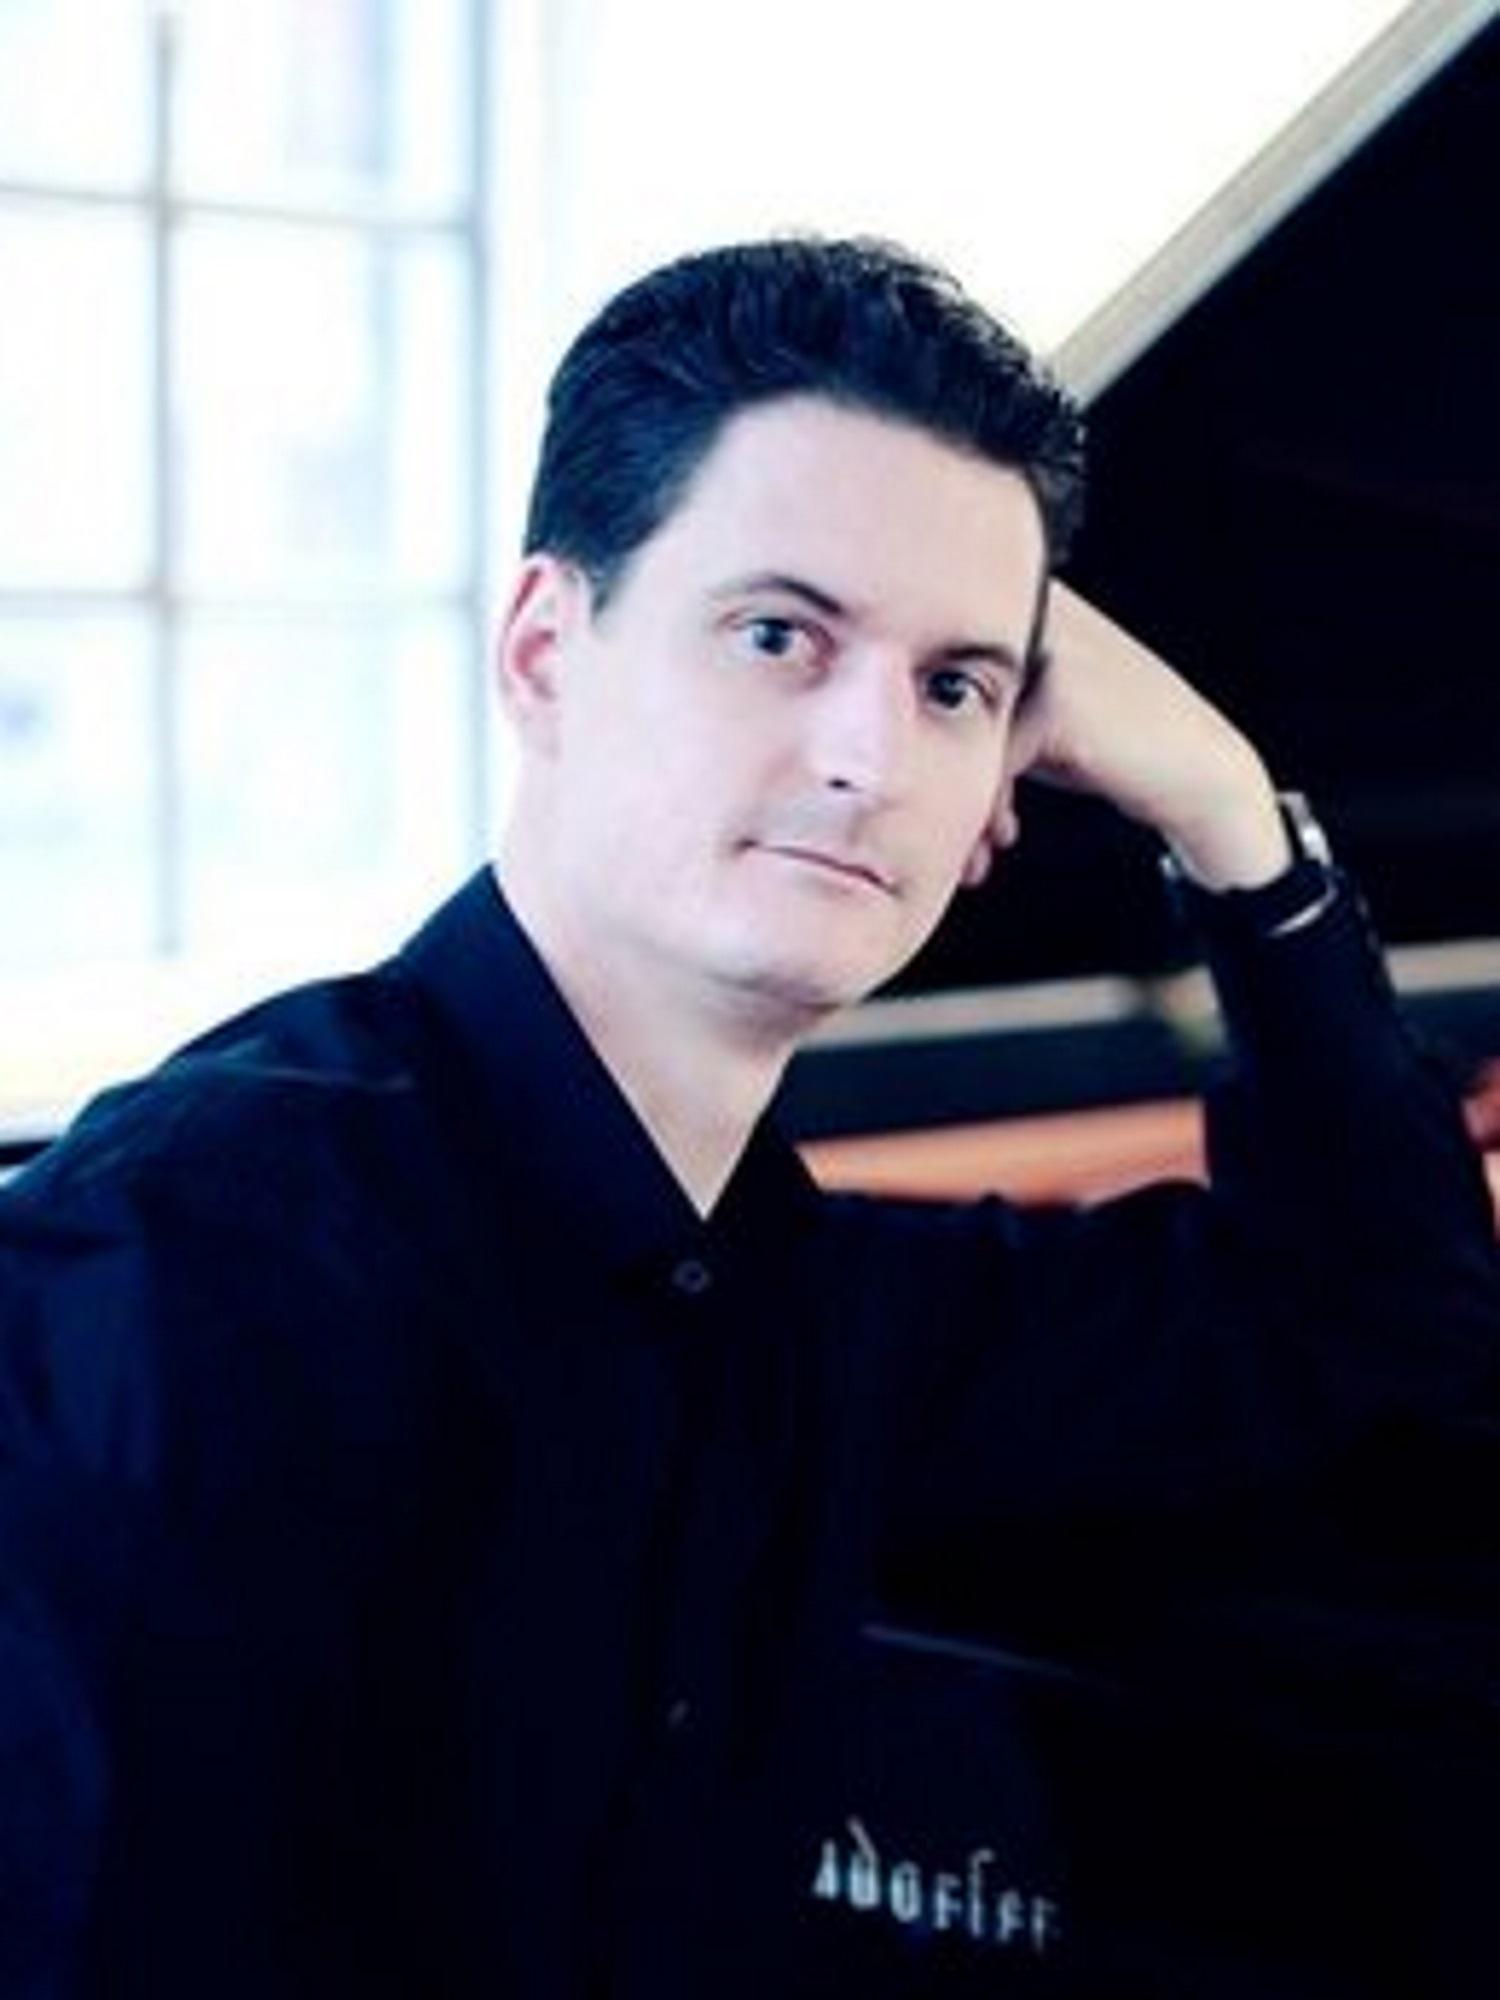 Dominik Wachtel